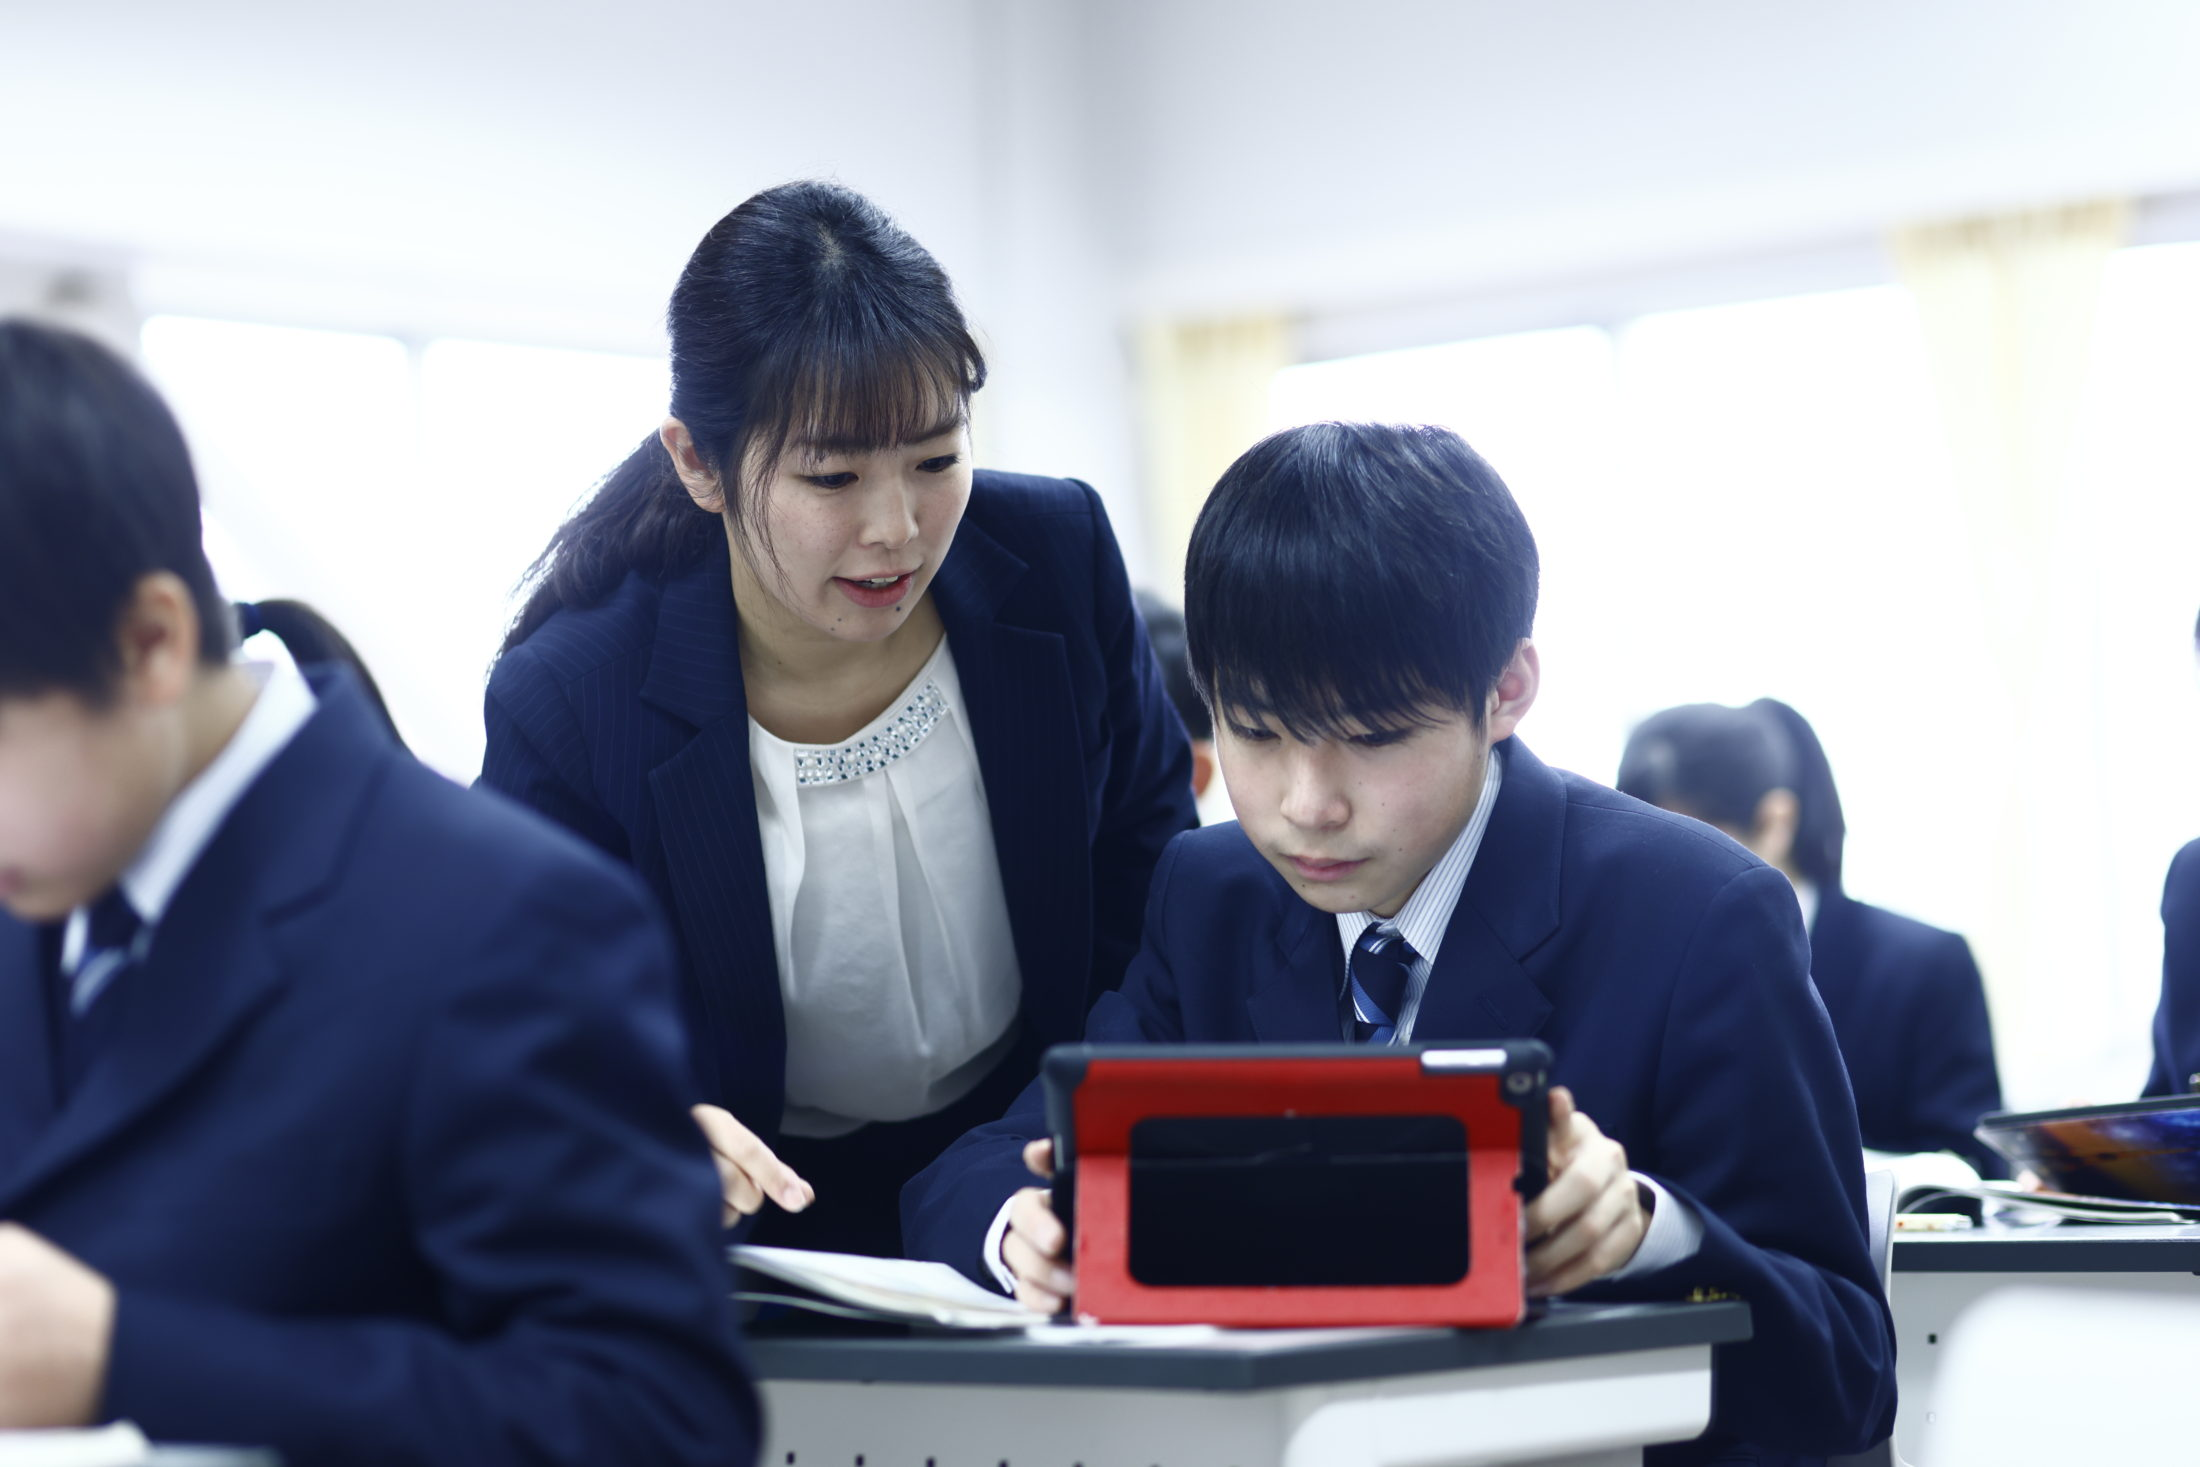 授業や放課後講座でiPadは大活躍です